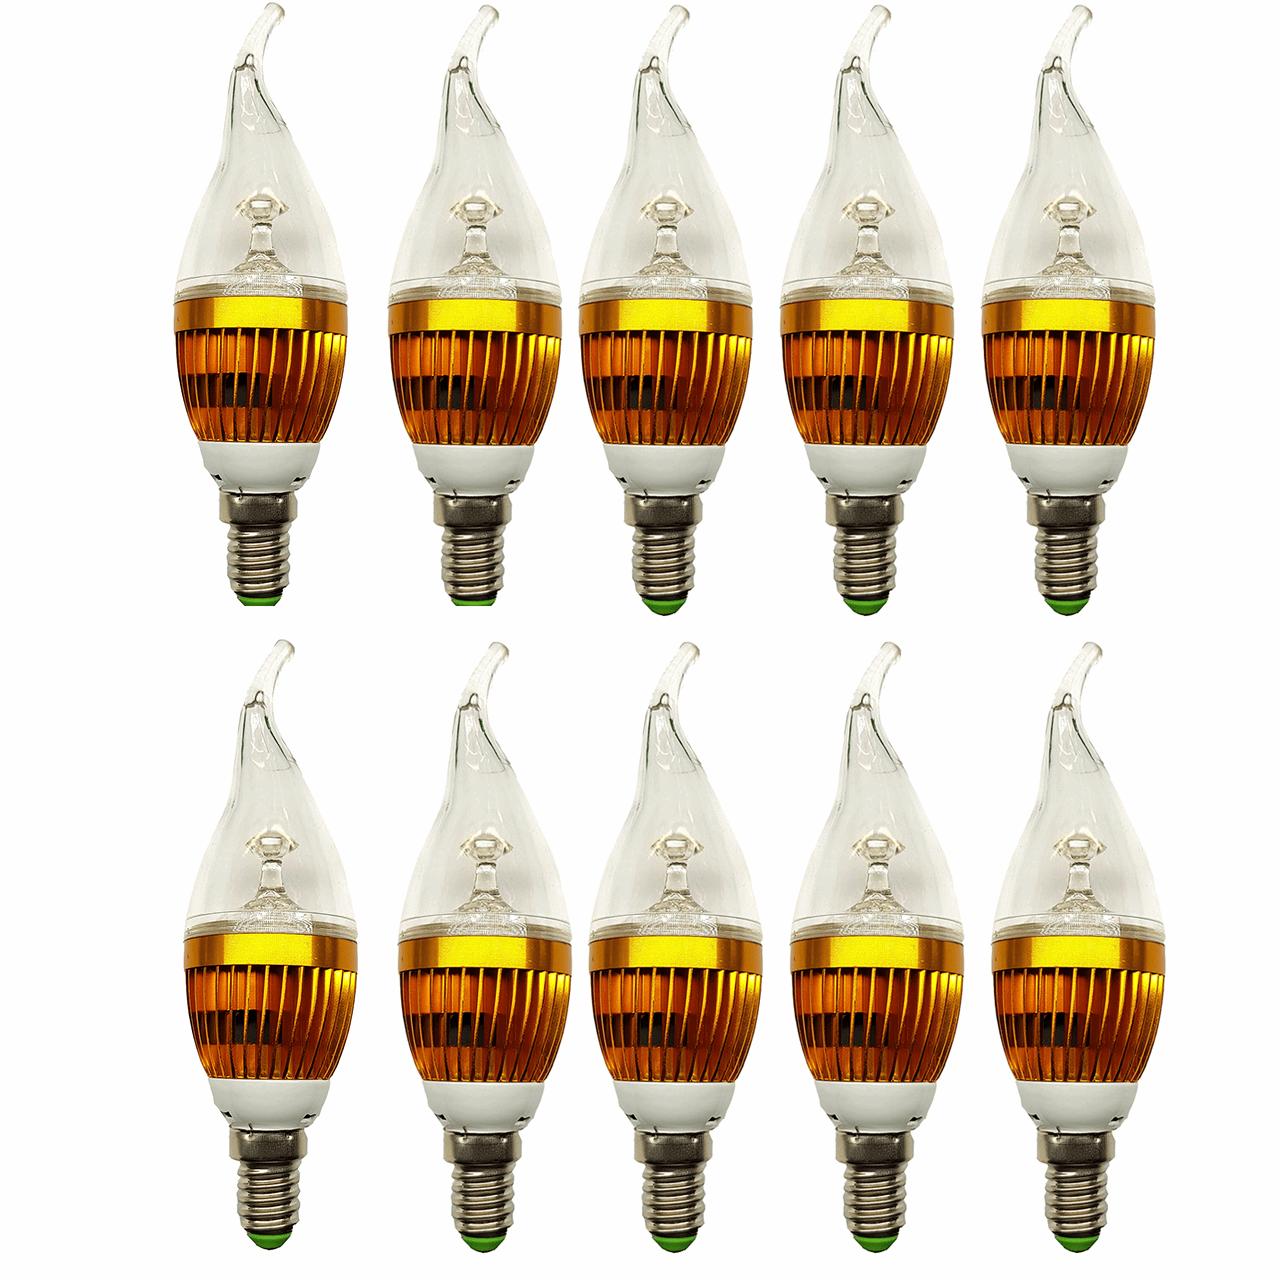 لامپ ال ای دی 3 وات بینانور مدل کریستالی پایه E14 بسته 10 عددی